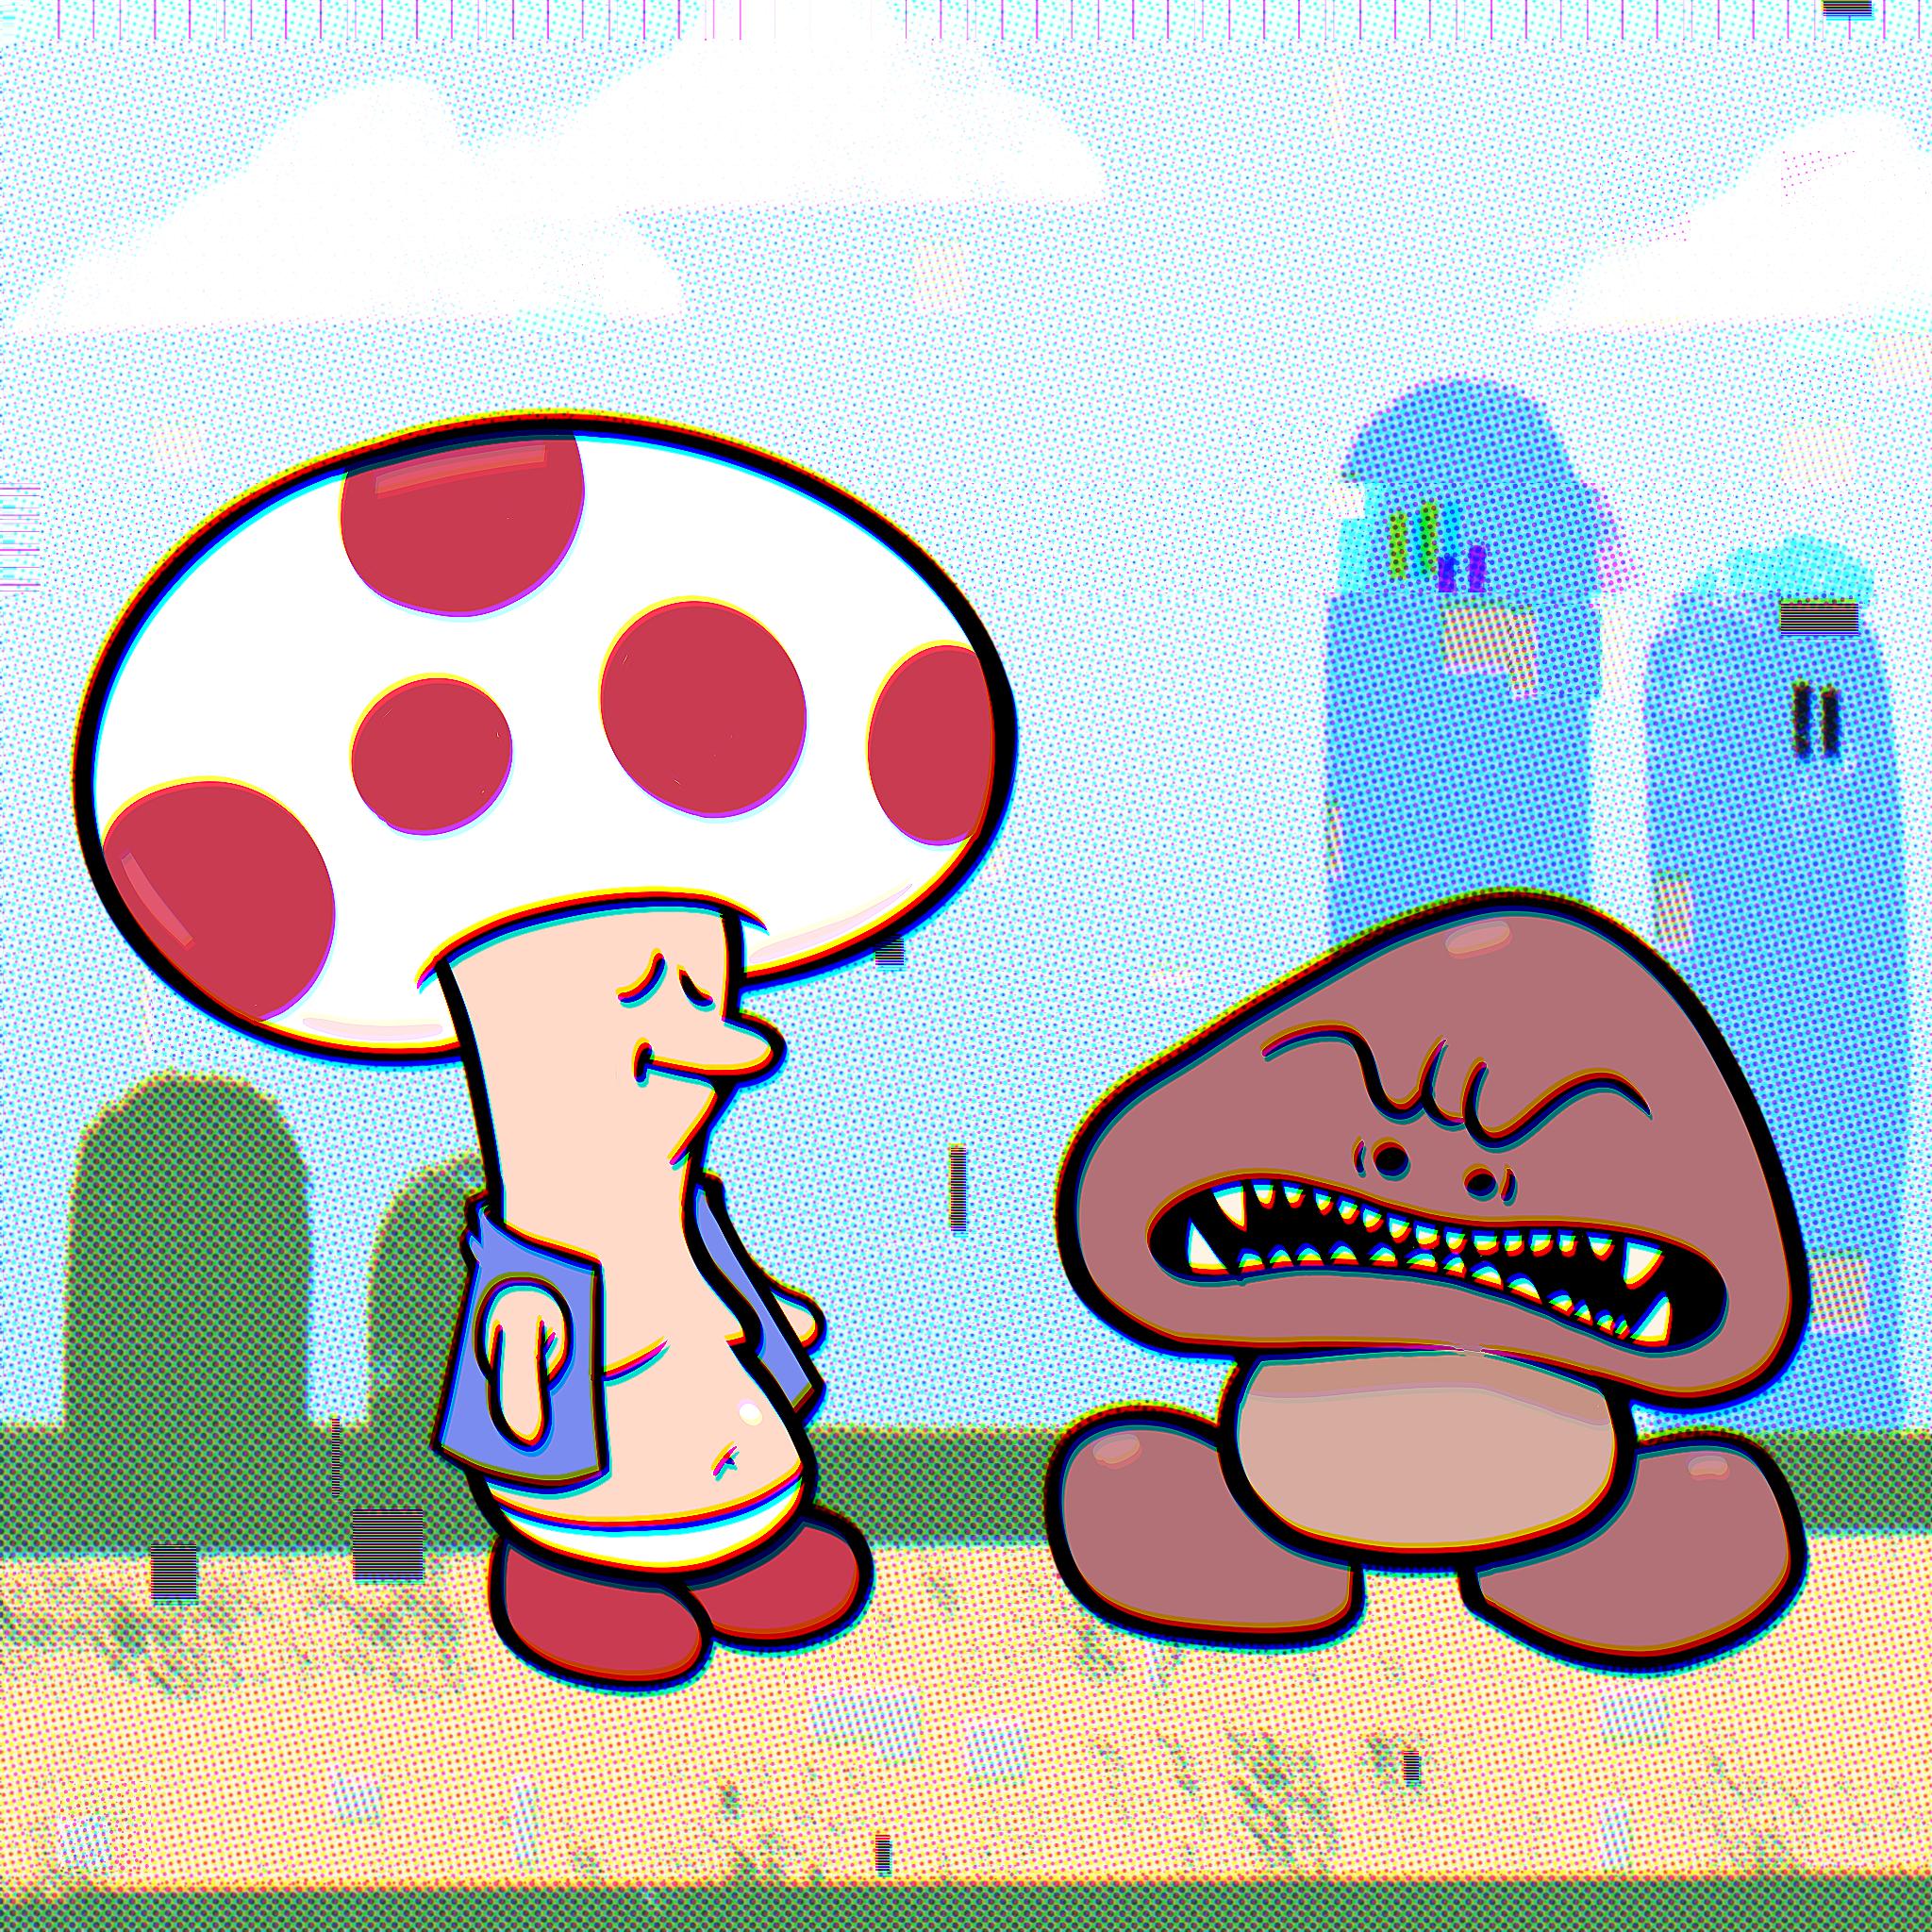 Toad & Goomba